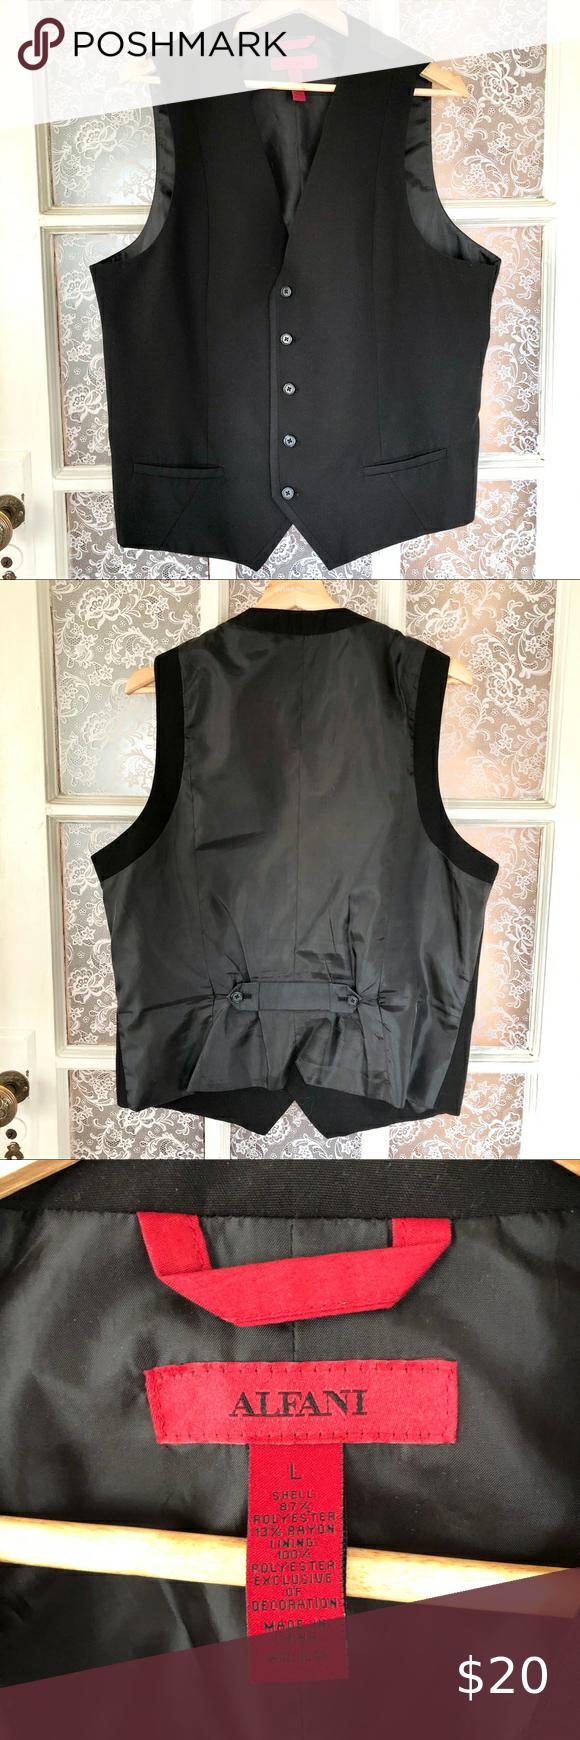 Must Sell Alfani Black Dress Vest Large Men S Black Vest Dress Vest Dress Black Dress [ 1740 x 580 Pixel ]